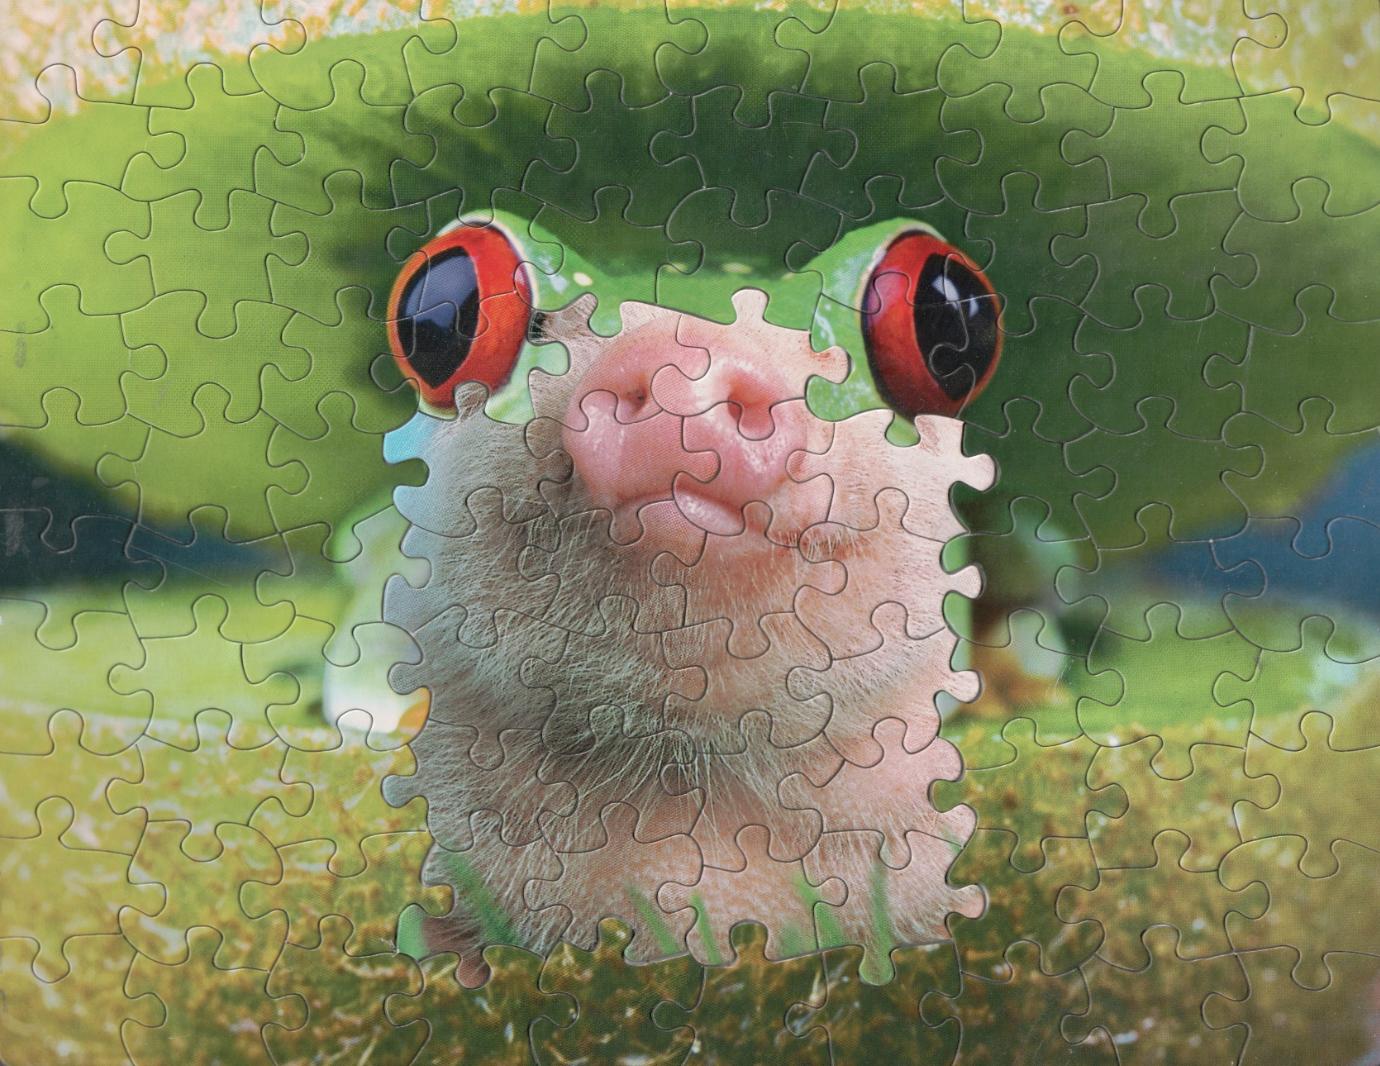 puzzle montage leffet surrealiste des puzzles melanges